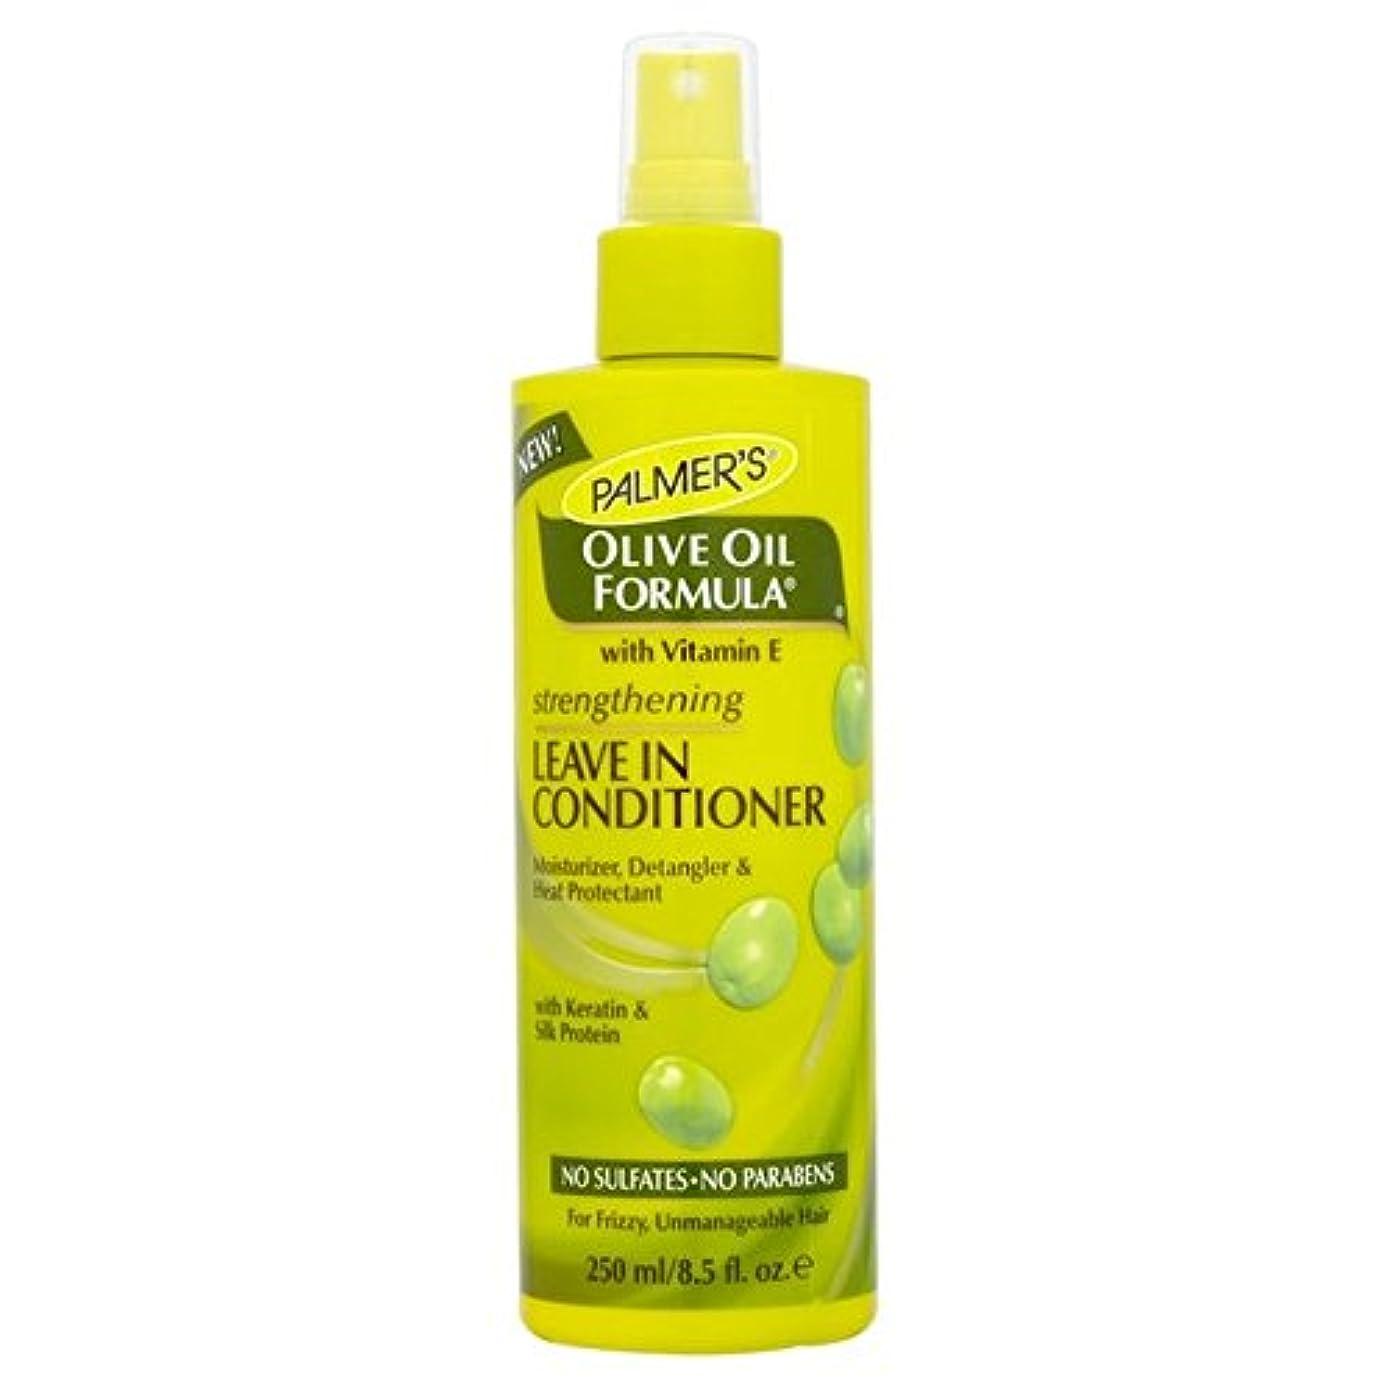 閉じるネズミ母リーブインコンディショナー250を強化パーマーのオリーブオイル式 x4 - Palmer's Olive Oil Formula Strengthening Leave-in Conditioner 250ml (Pack...